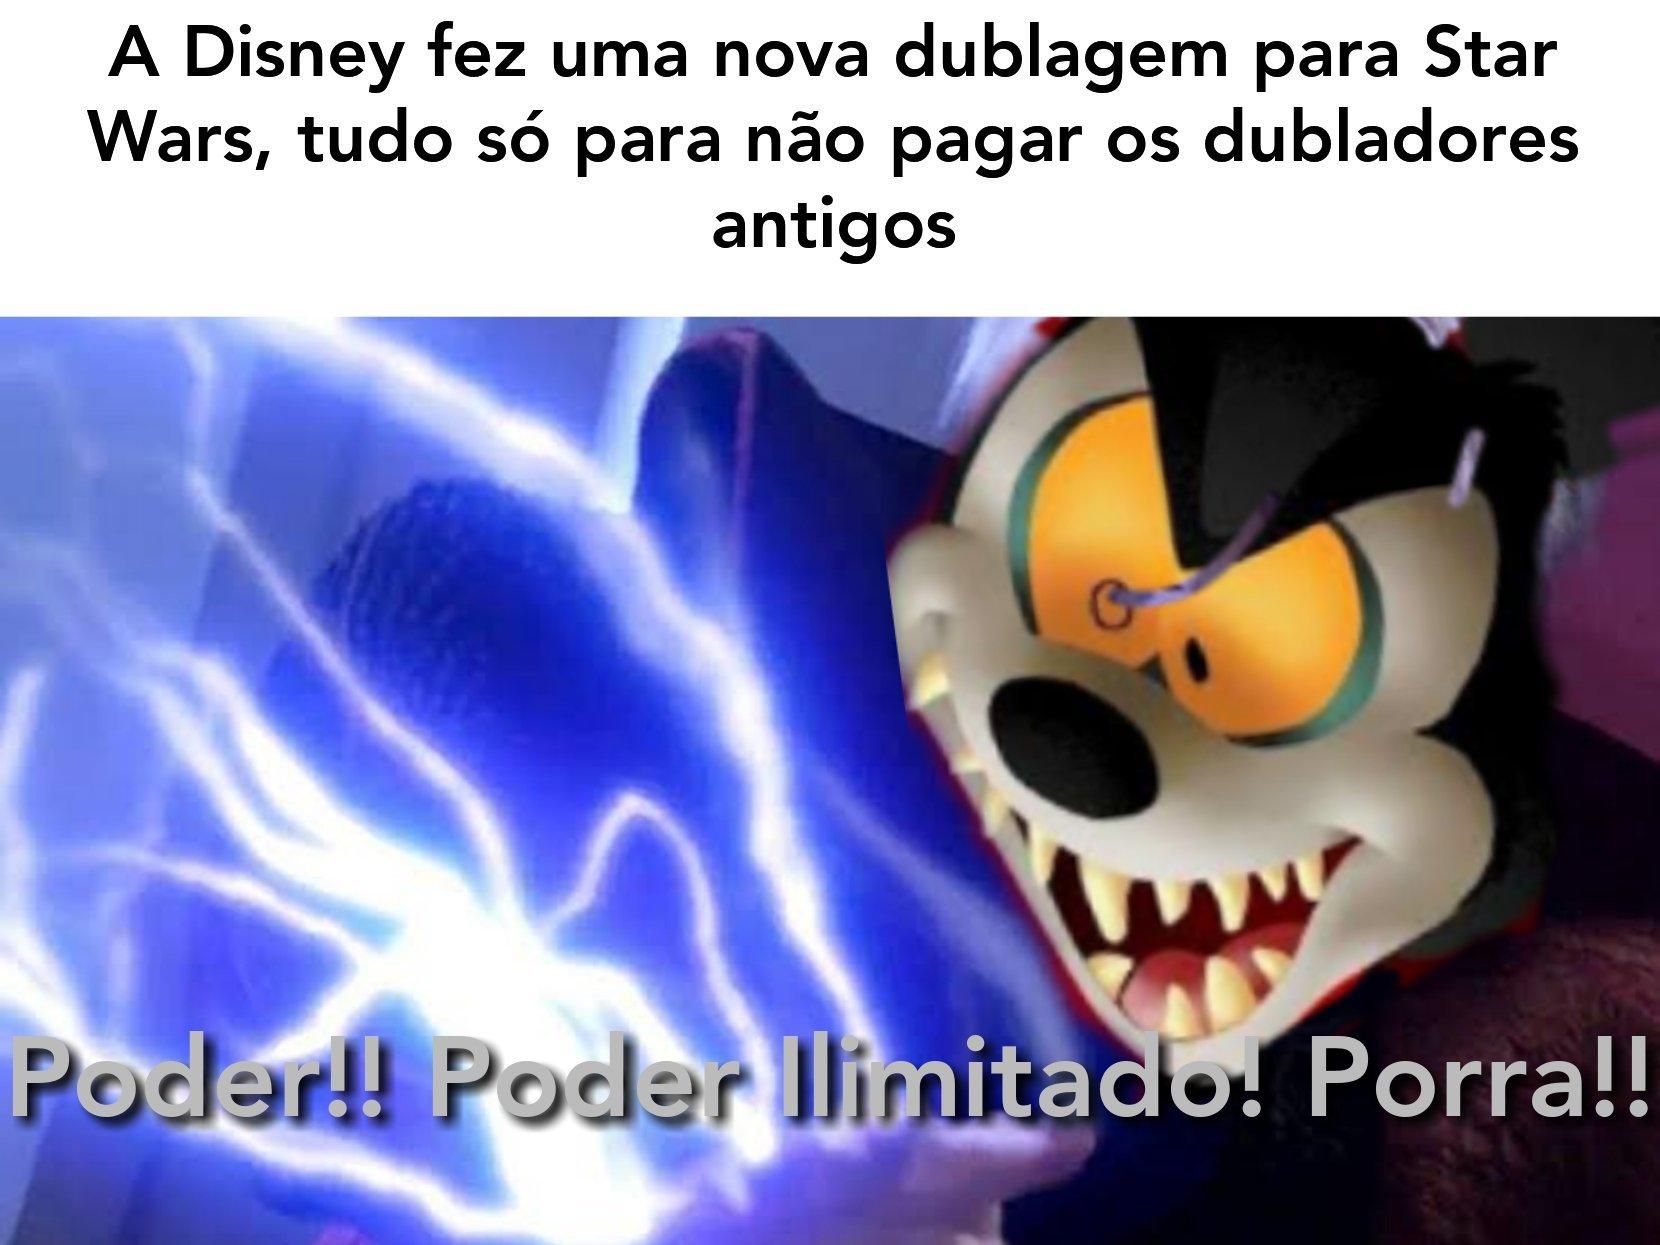 O IMPERADOR MICKEY!! - meme